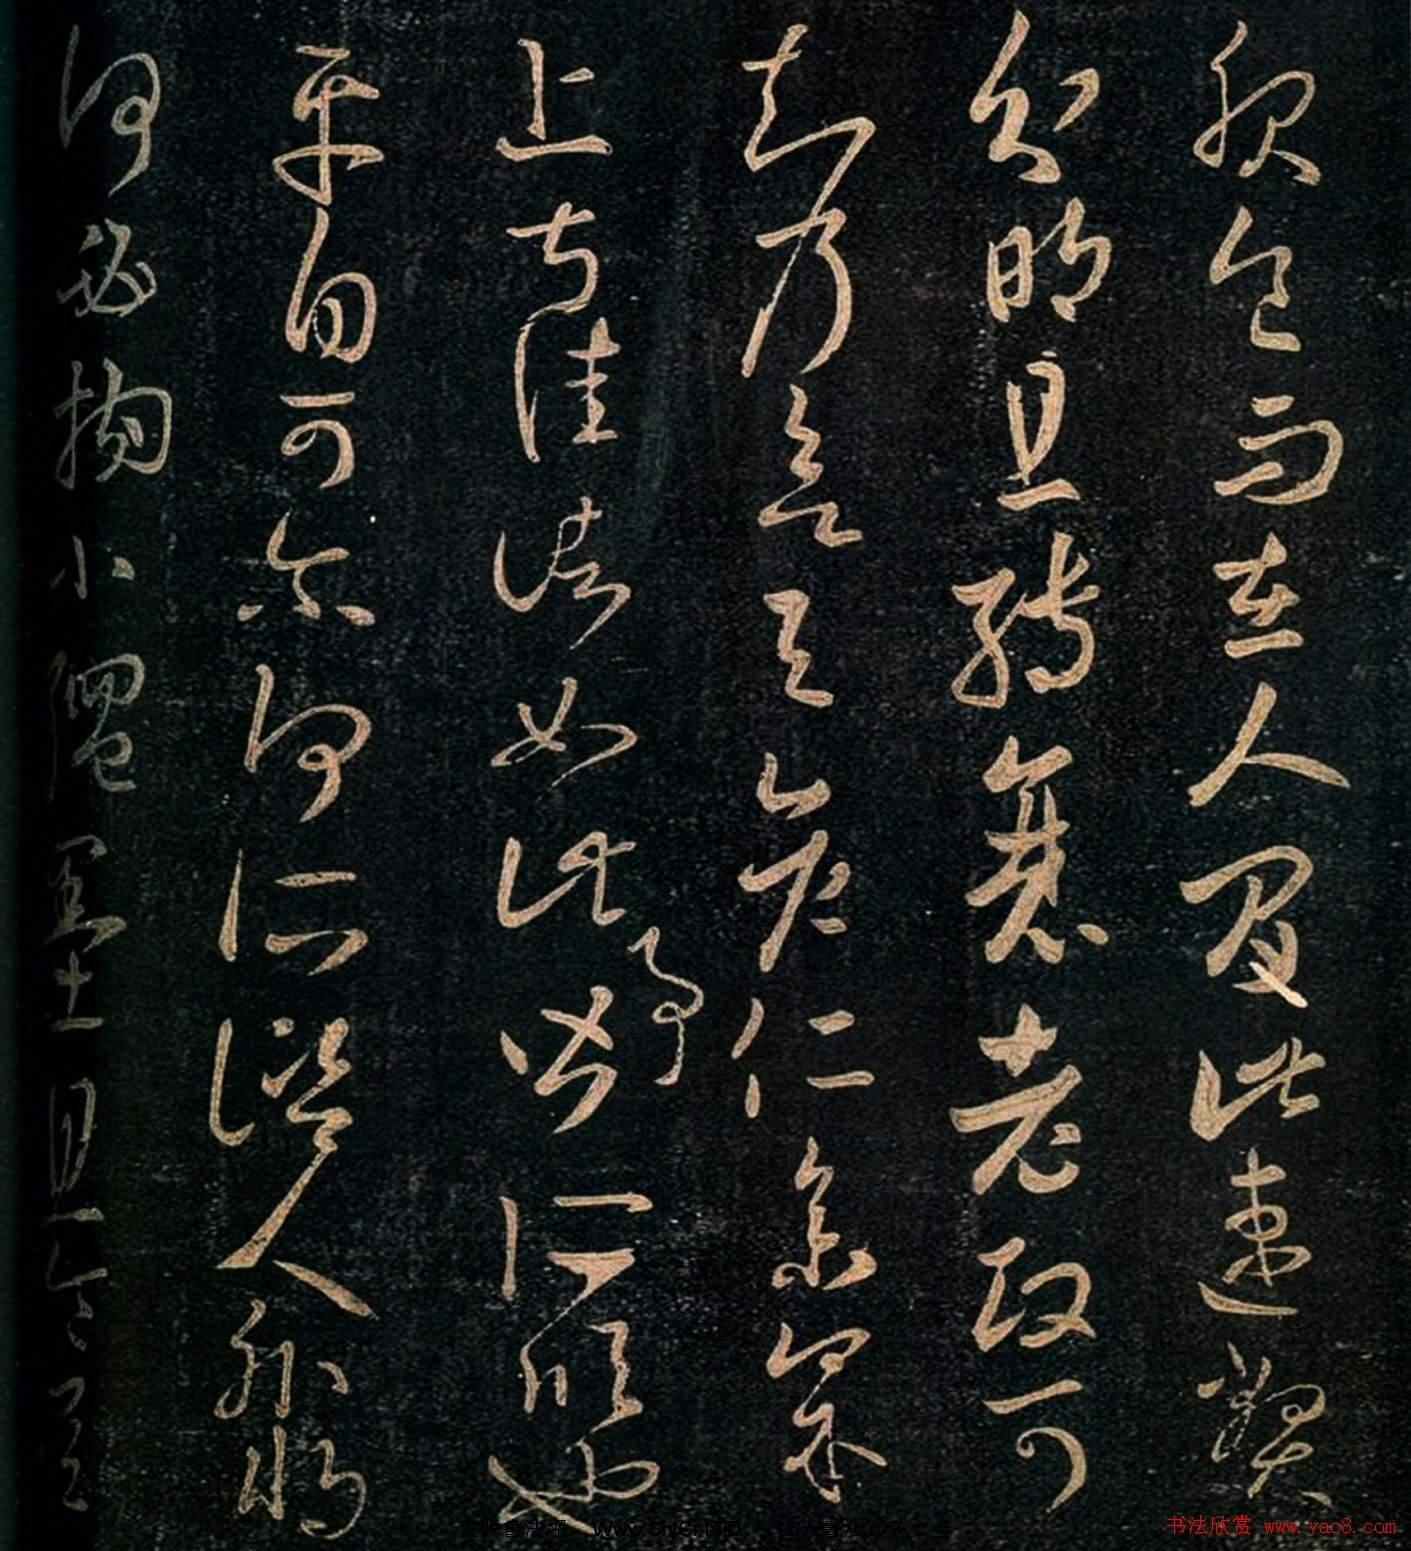 王羲之草書真跡欣賞《服食而在帖》拓本大圖(共2張圖片)